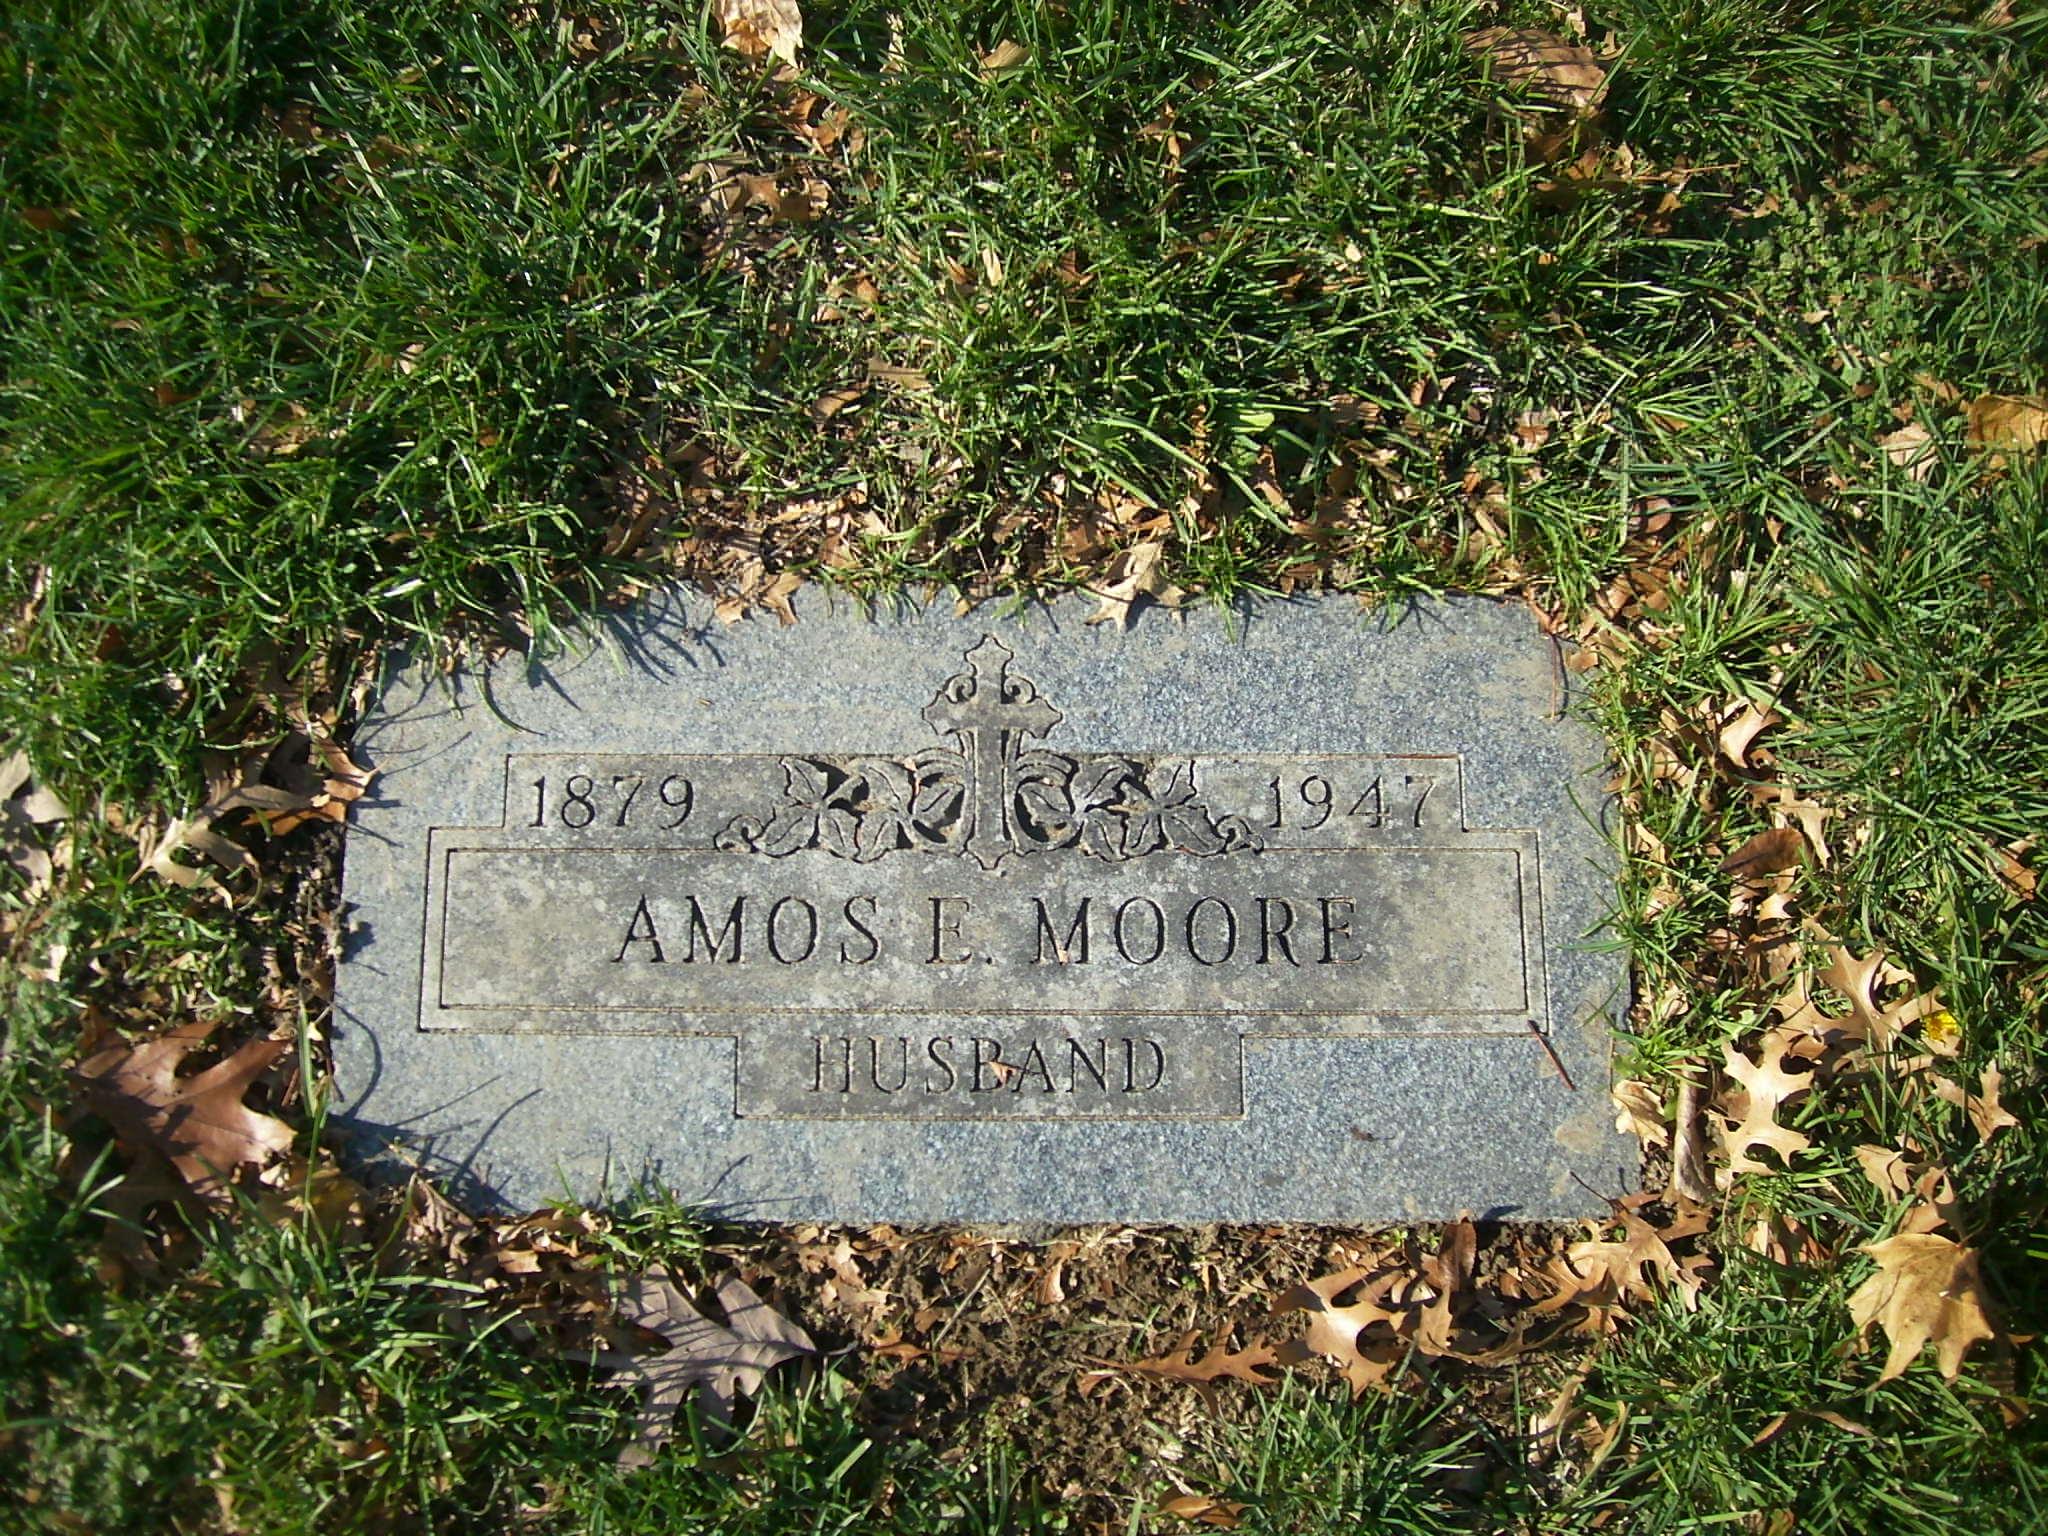 Amos E Moore